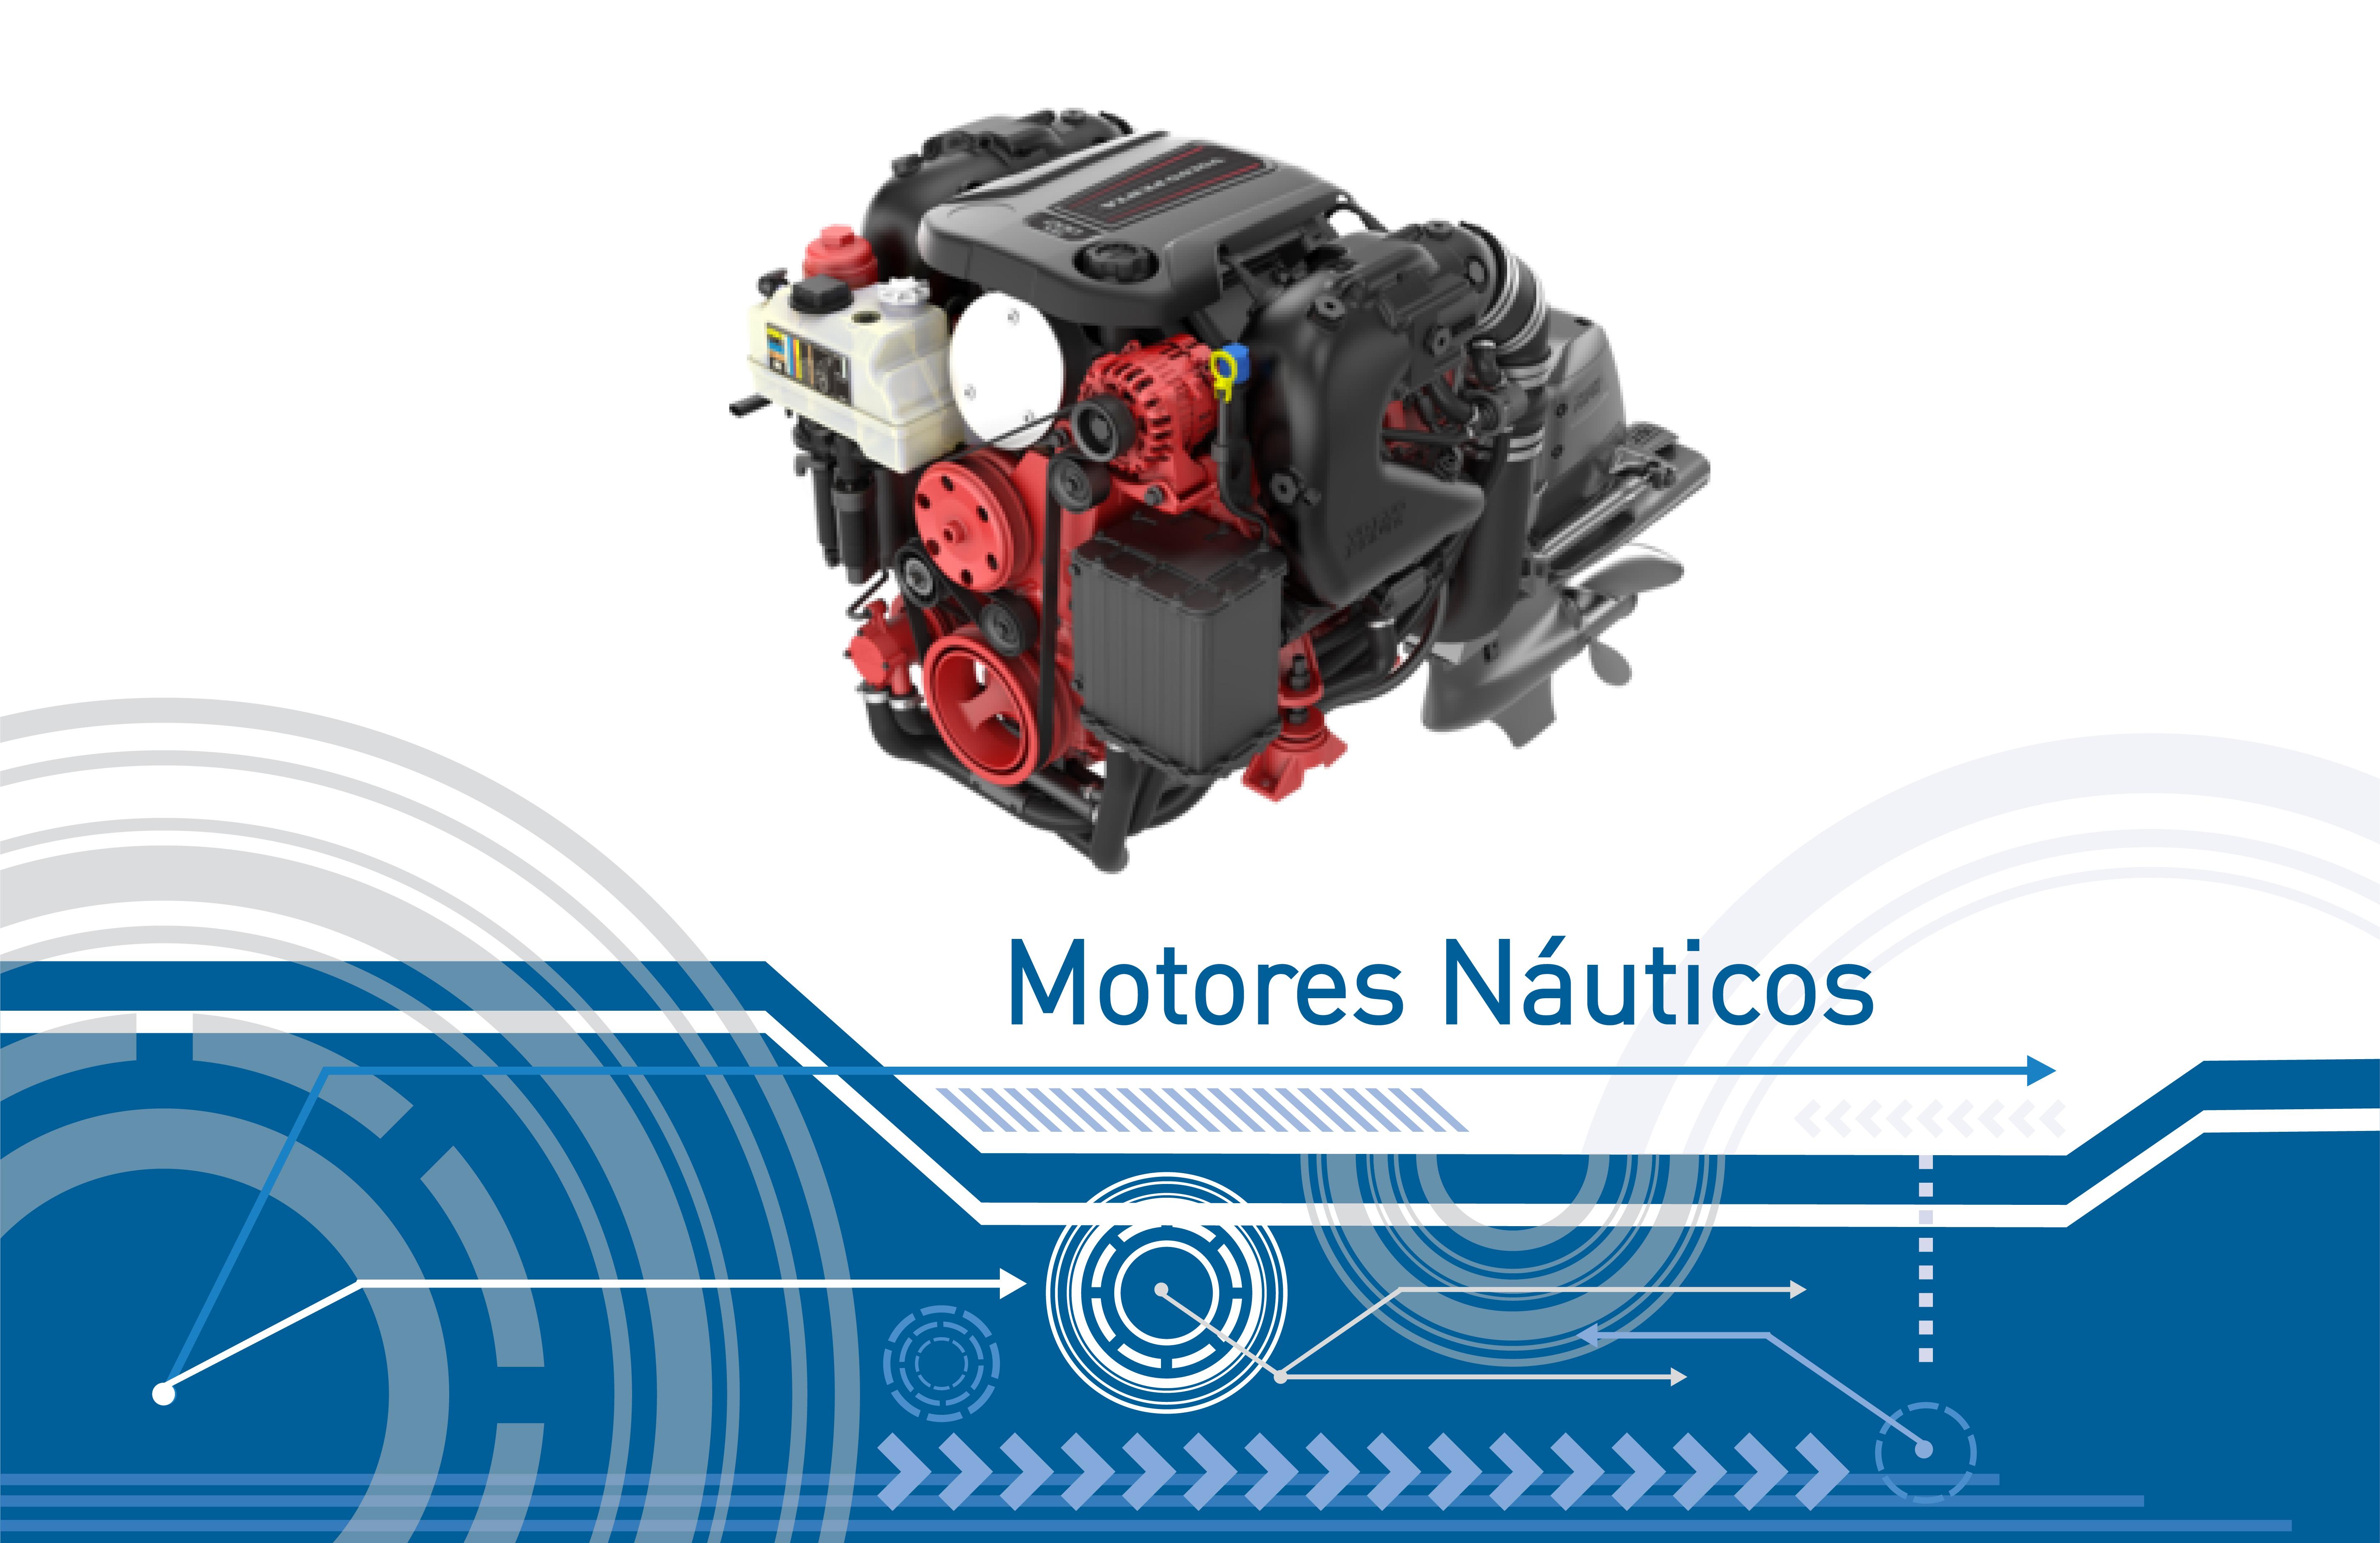 Motores Náuticos